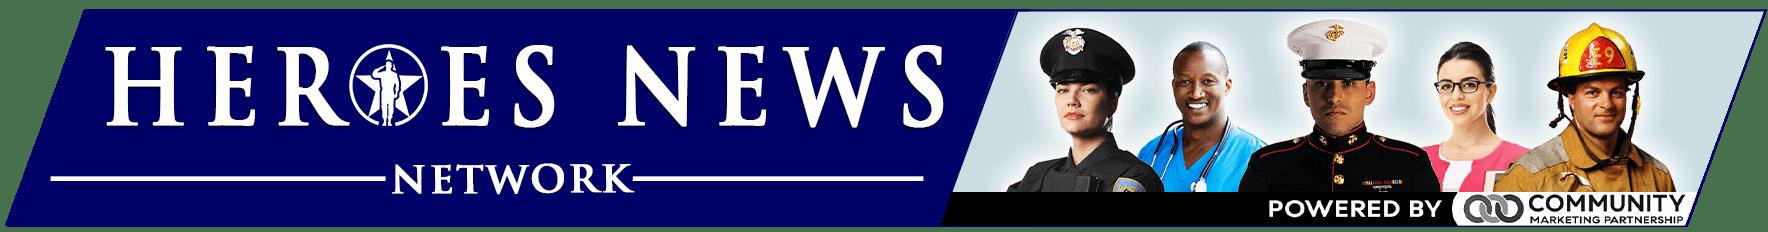 Heroes News Network